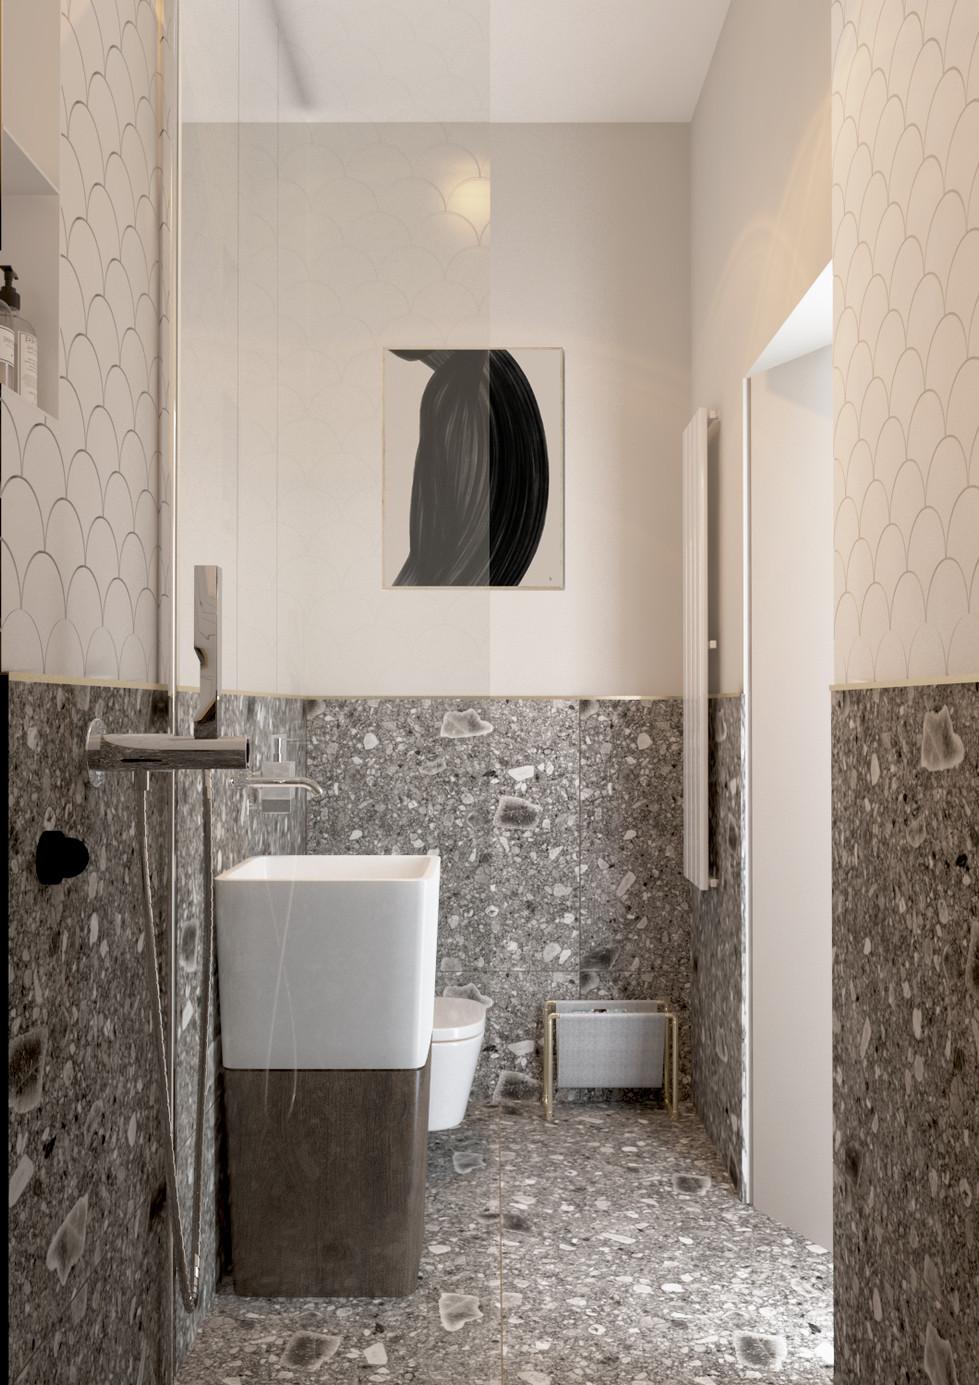 łazienka mała 1.jpg